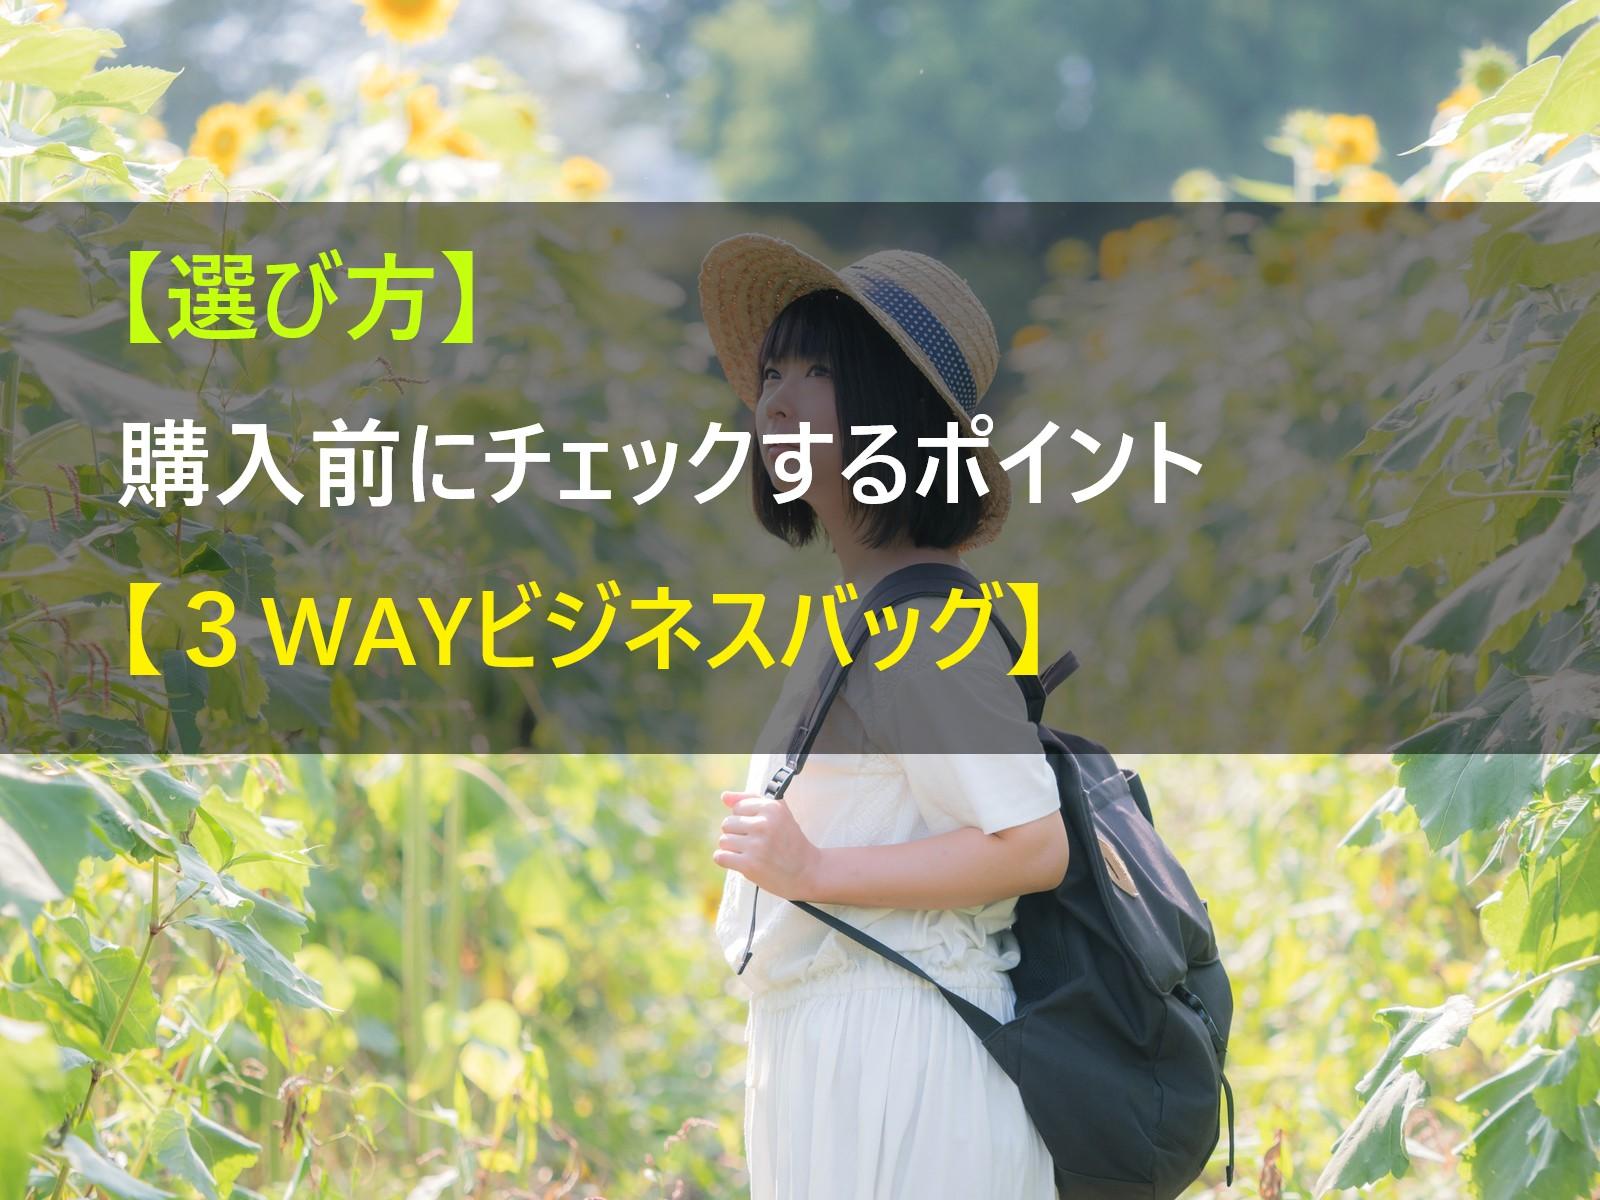 3way_business_bag